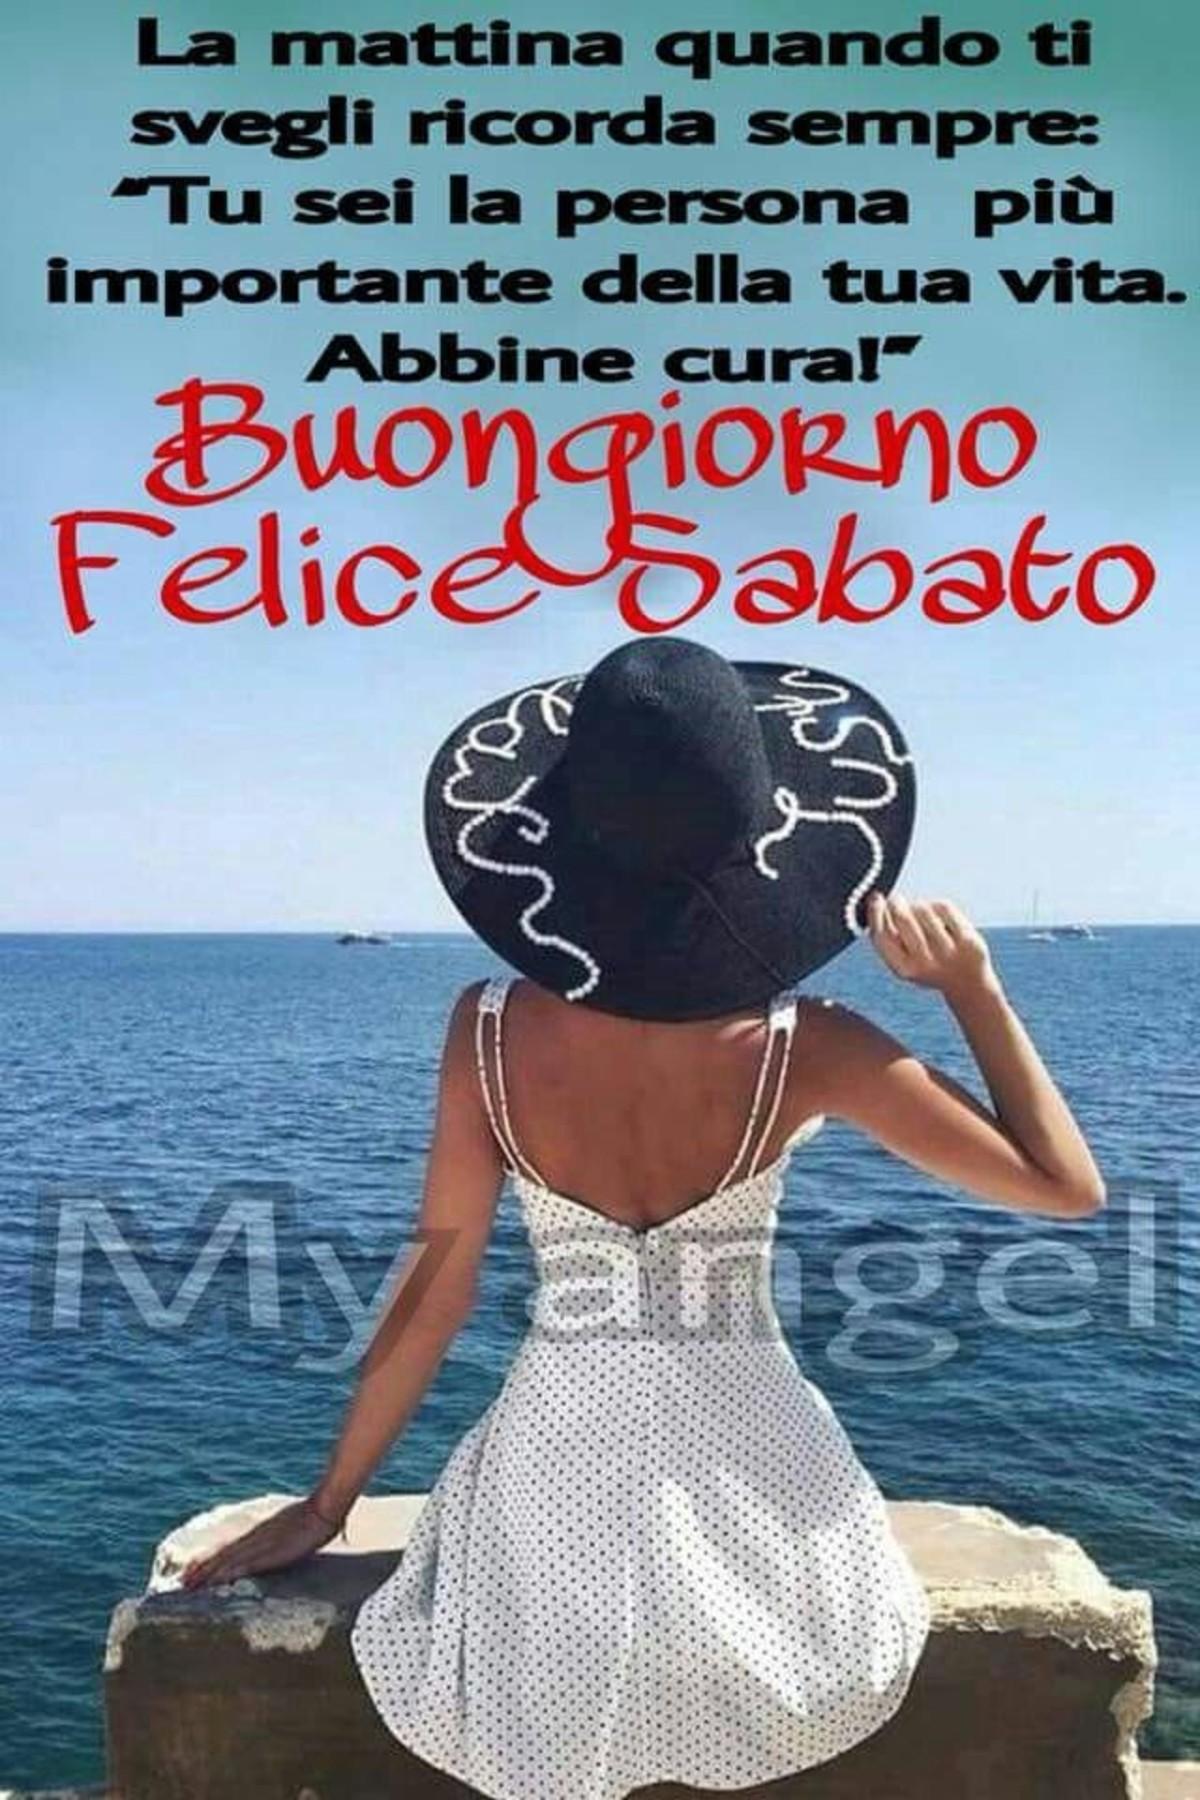 Immagini Di Buon Sabato E Felice Weekend Pagina 9 Di 11